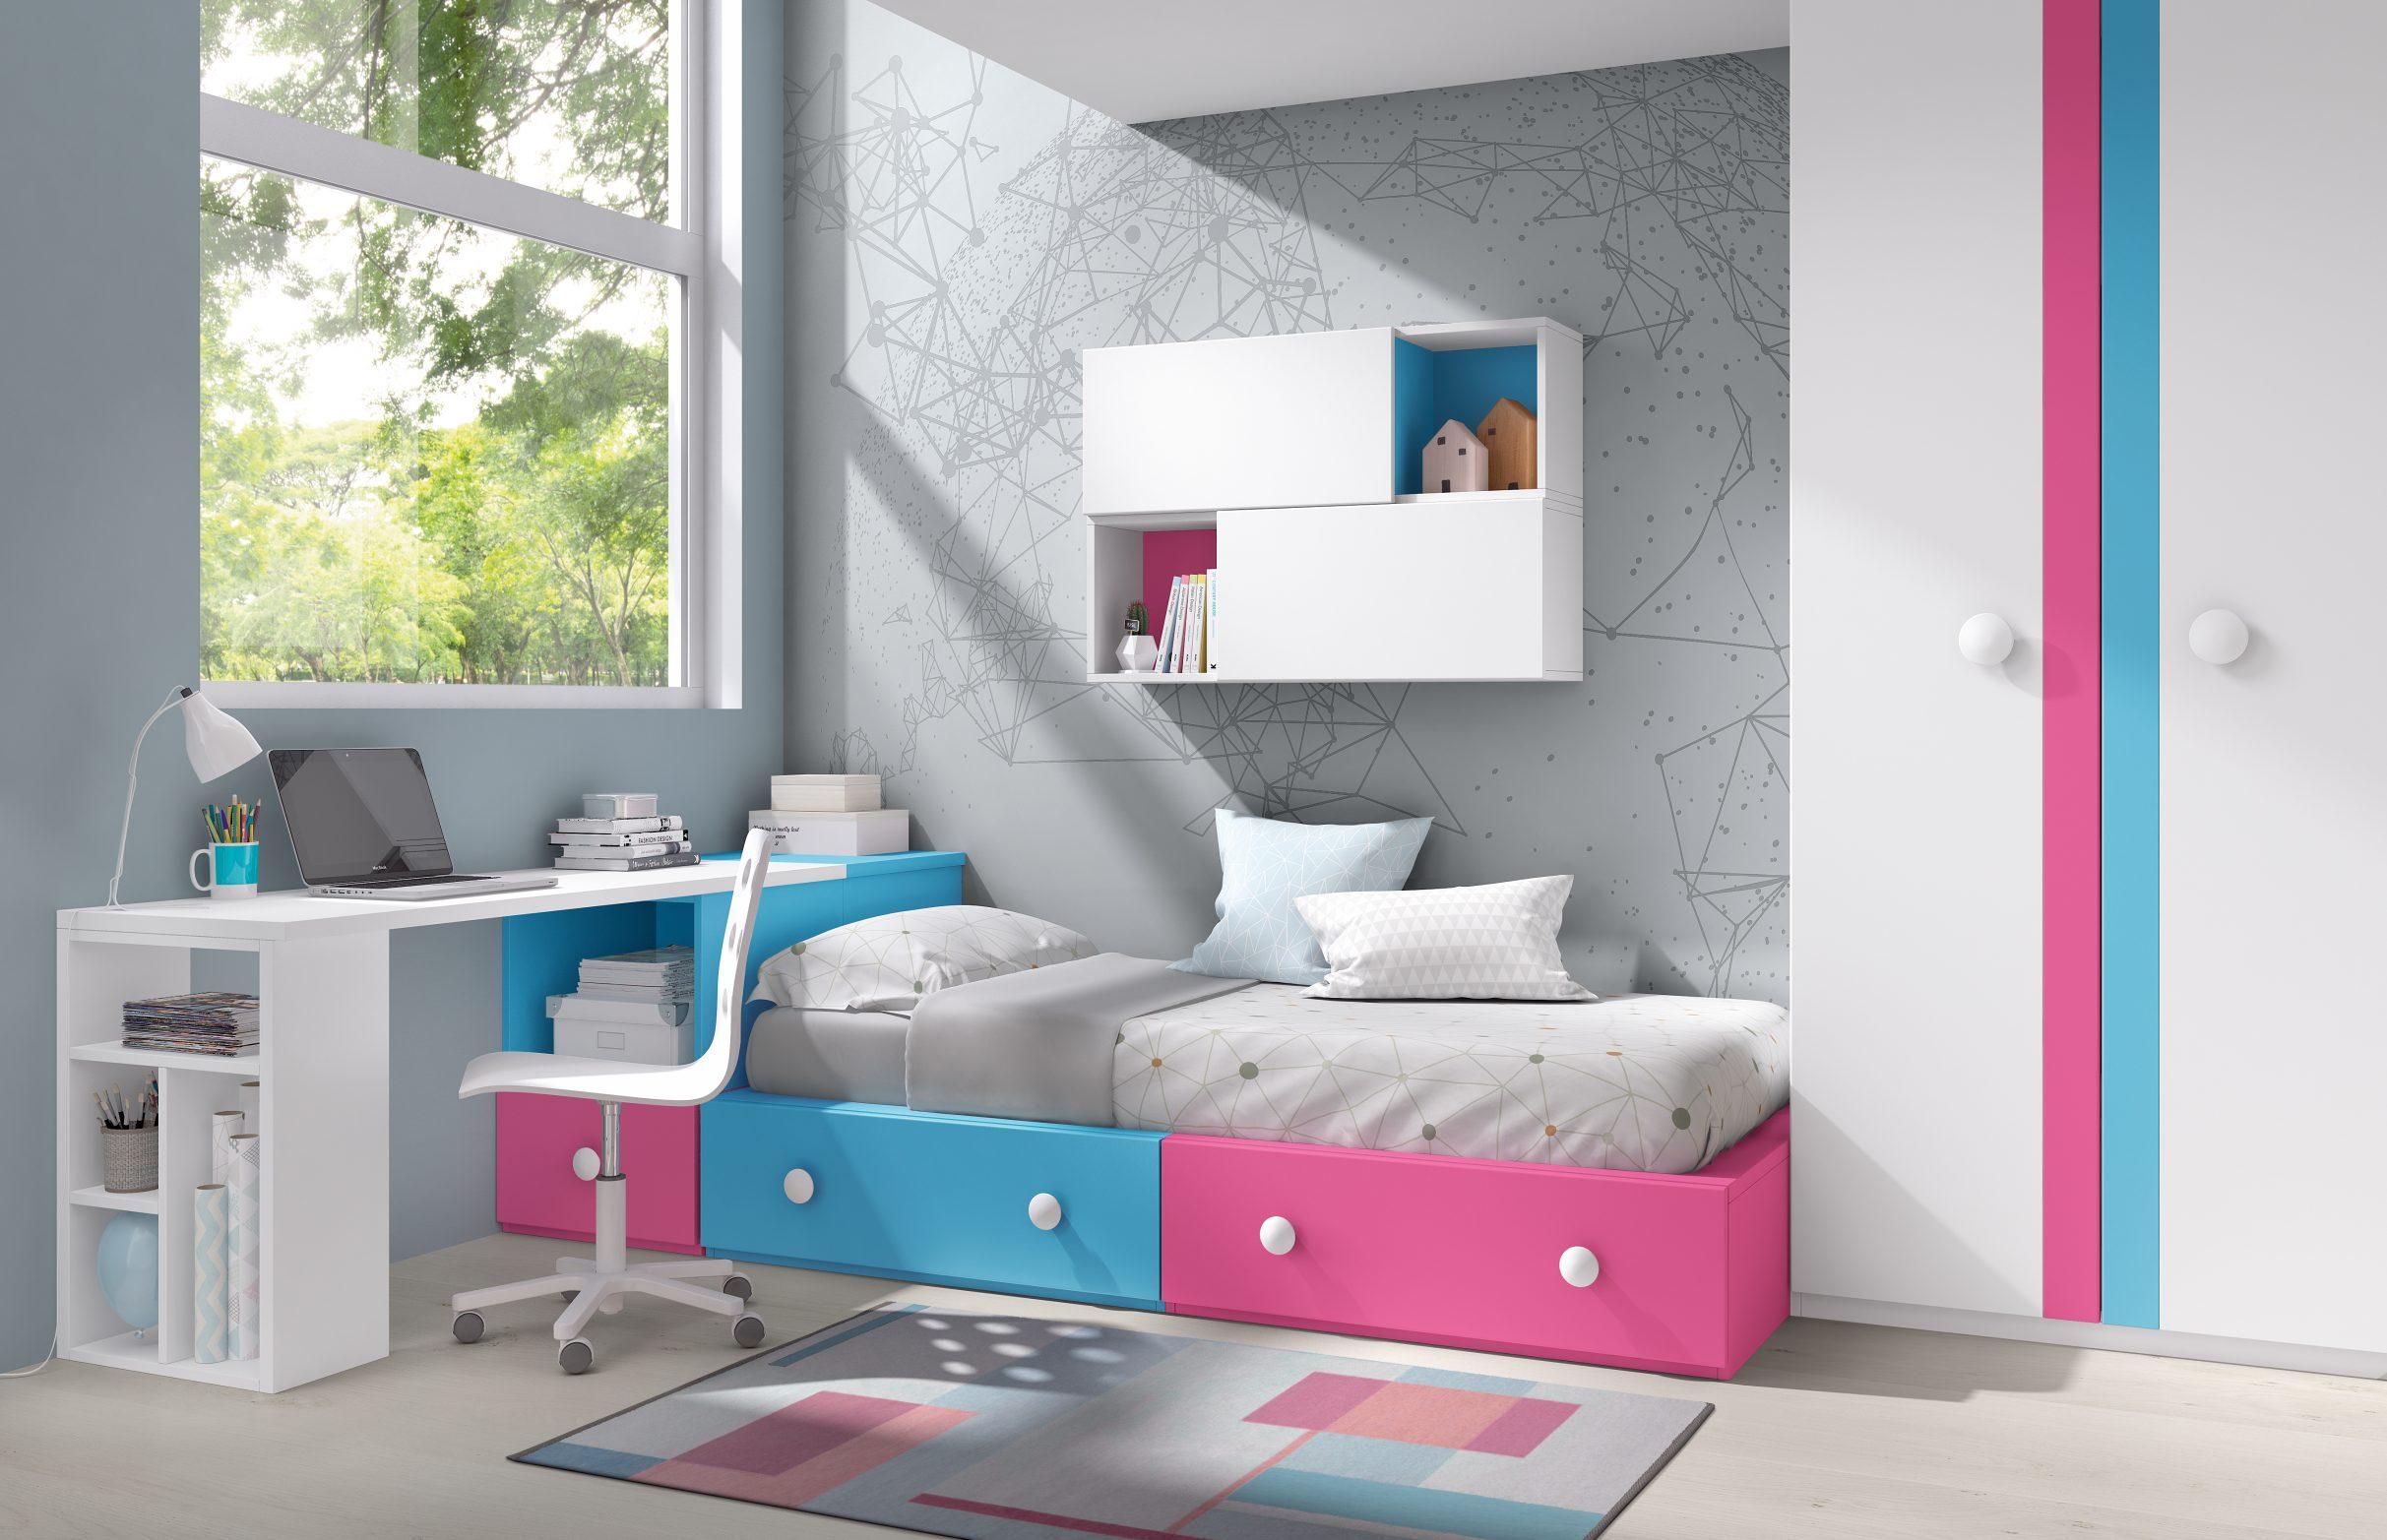 Cama con módulos block cajones con estudio a medida y original armario de dos puertas con tirador perfil, en la gama de colores que más te guste.